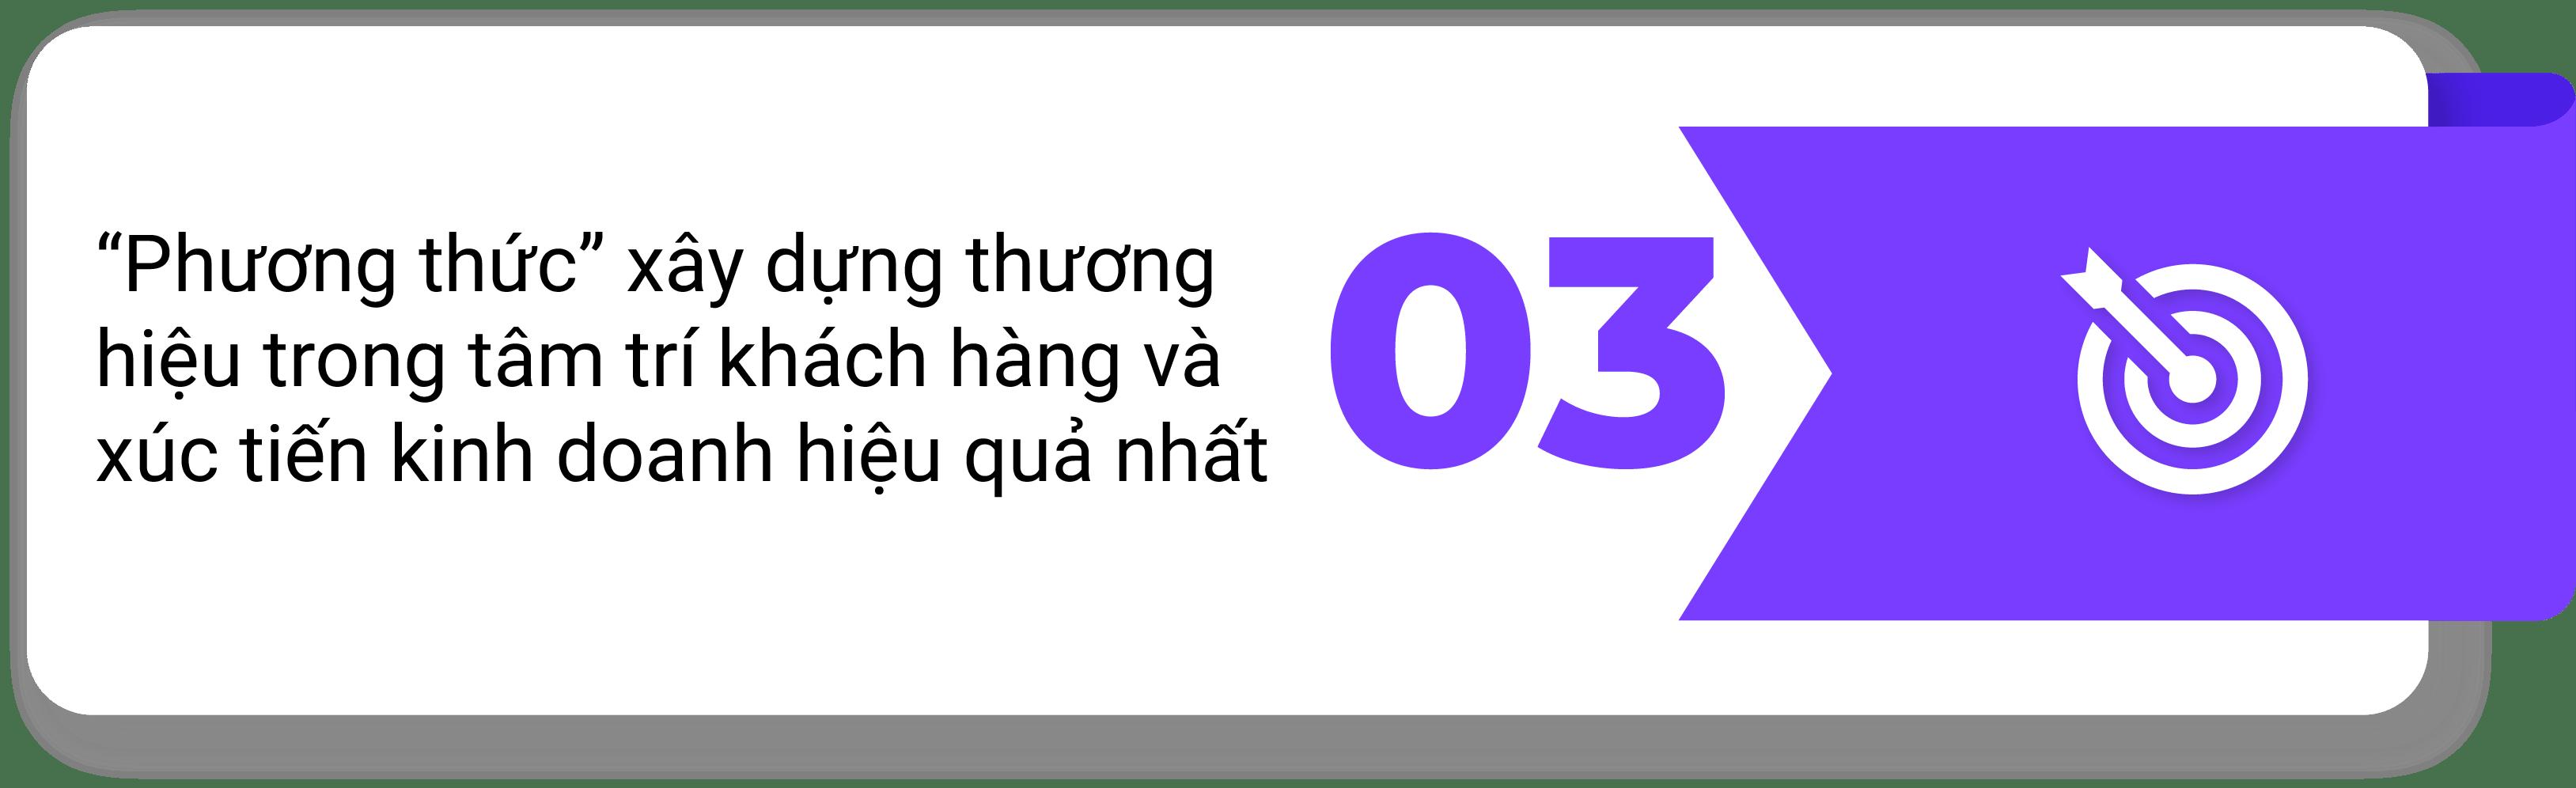 phuong-thuc-xay-dung-thuong-hieu-min